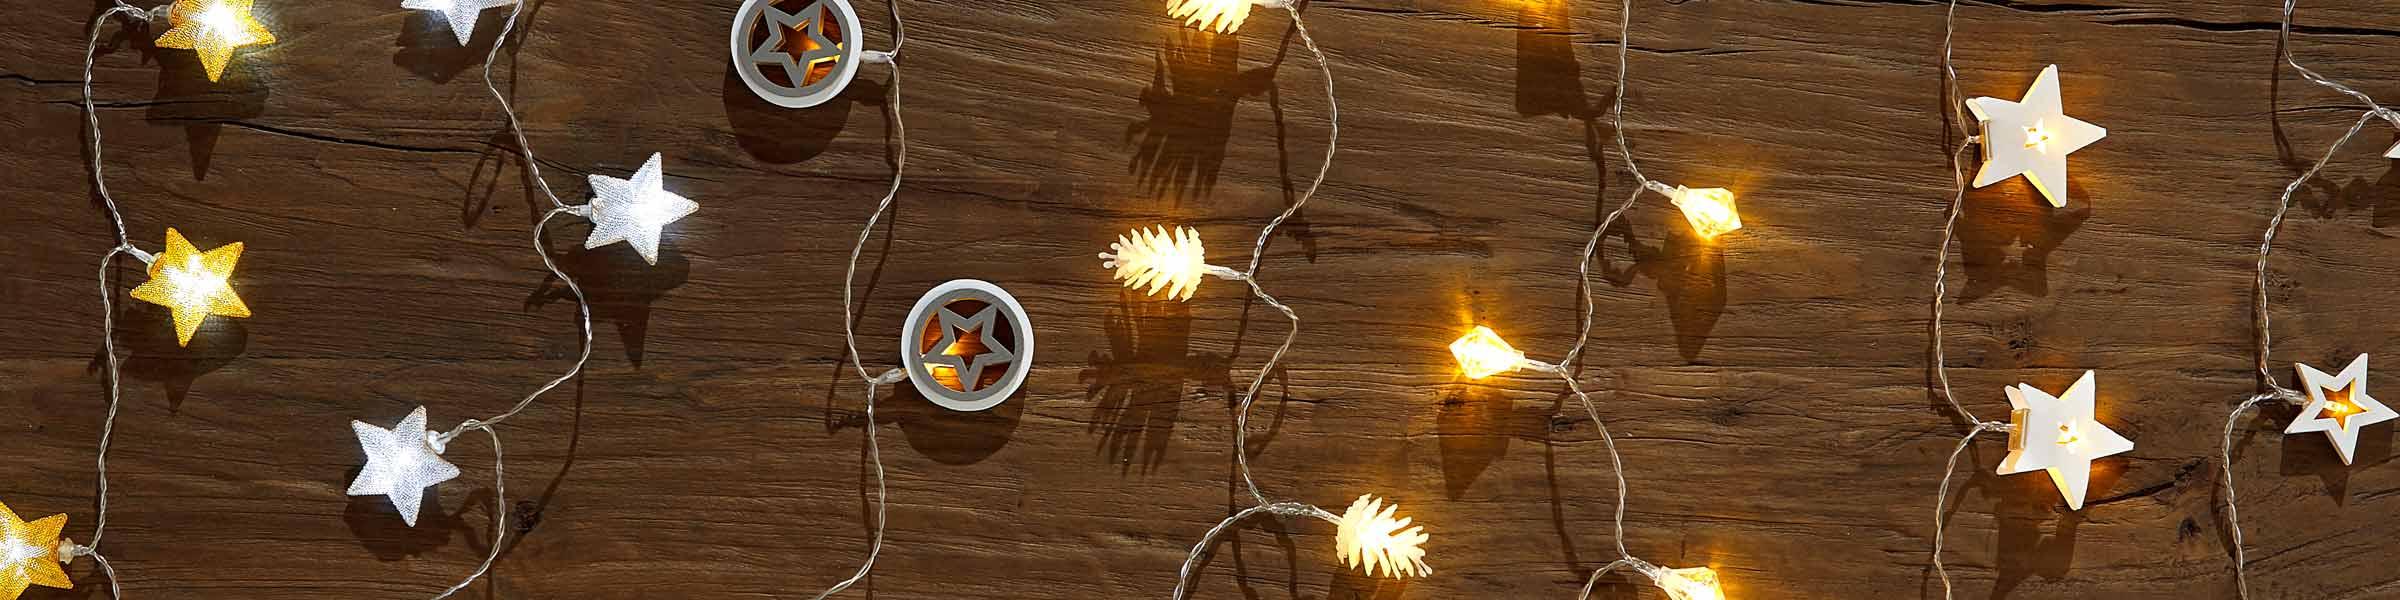 Weihnachtsbeleuchtung online kaufen dehner - Fensterbeleuchtung weihnachten ...